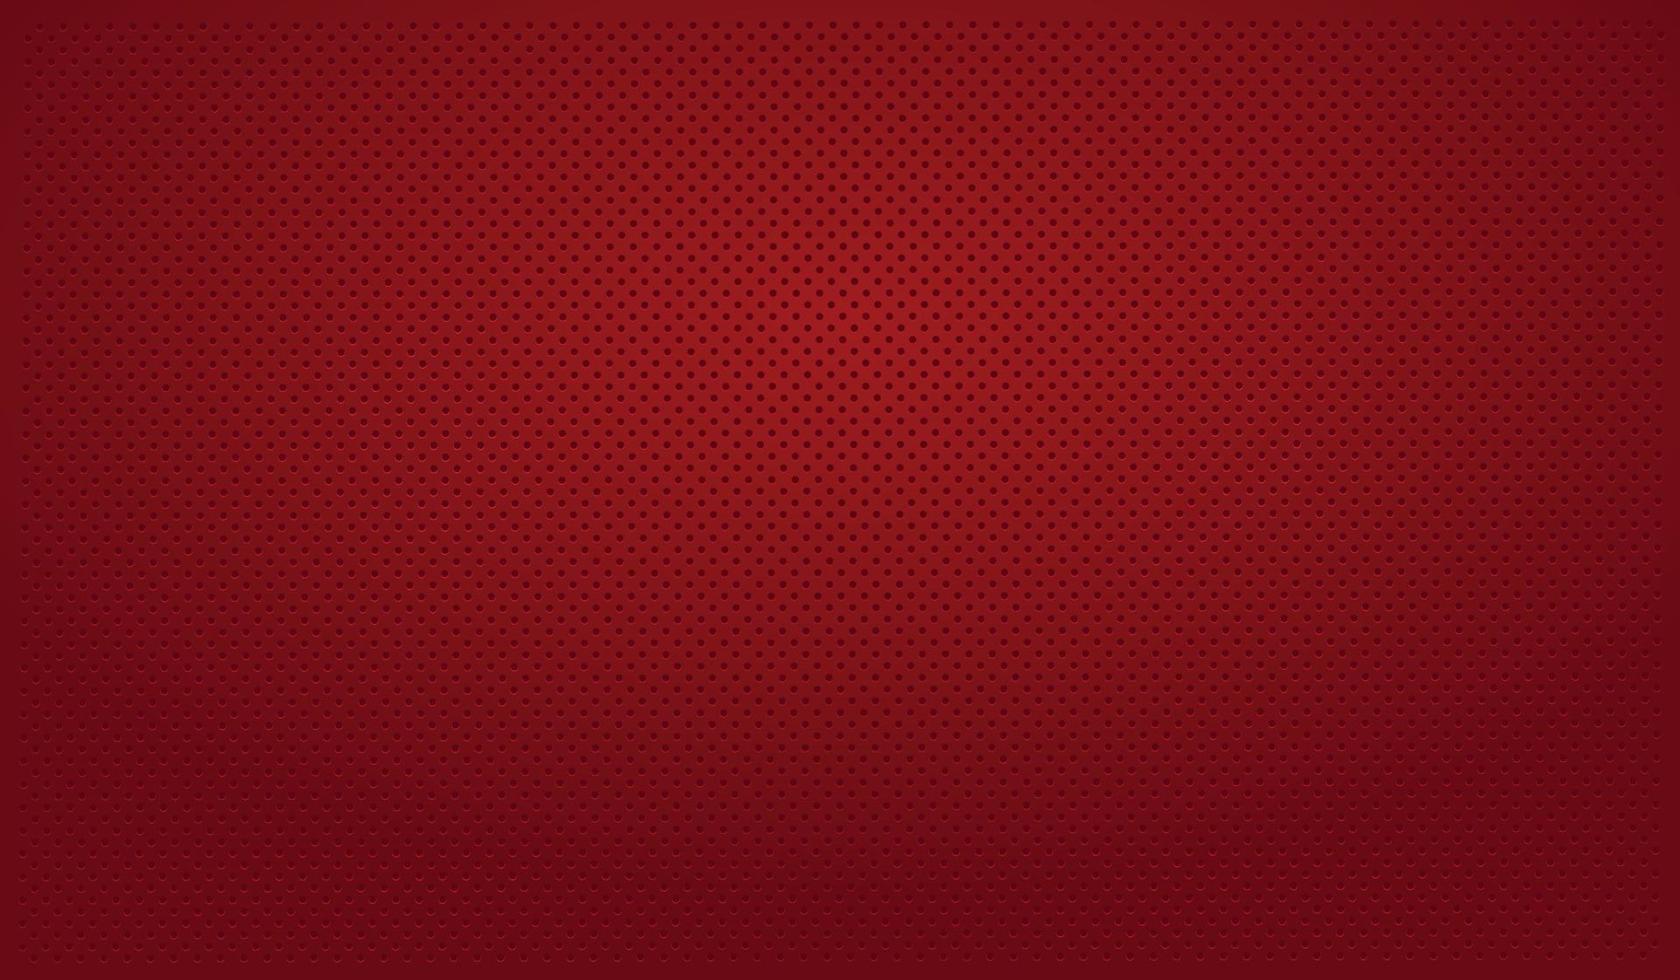 sfondo rosso perforato con fori rossi e un bagliore vettore